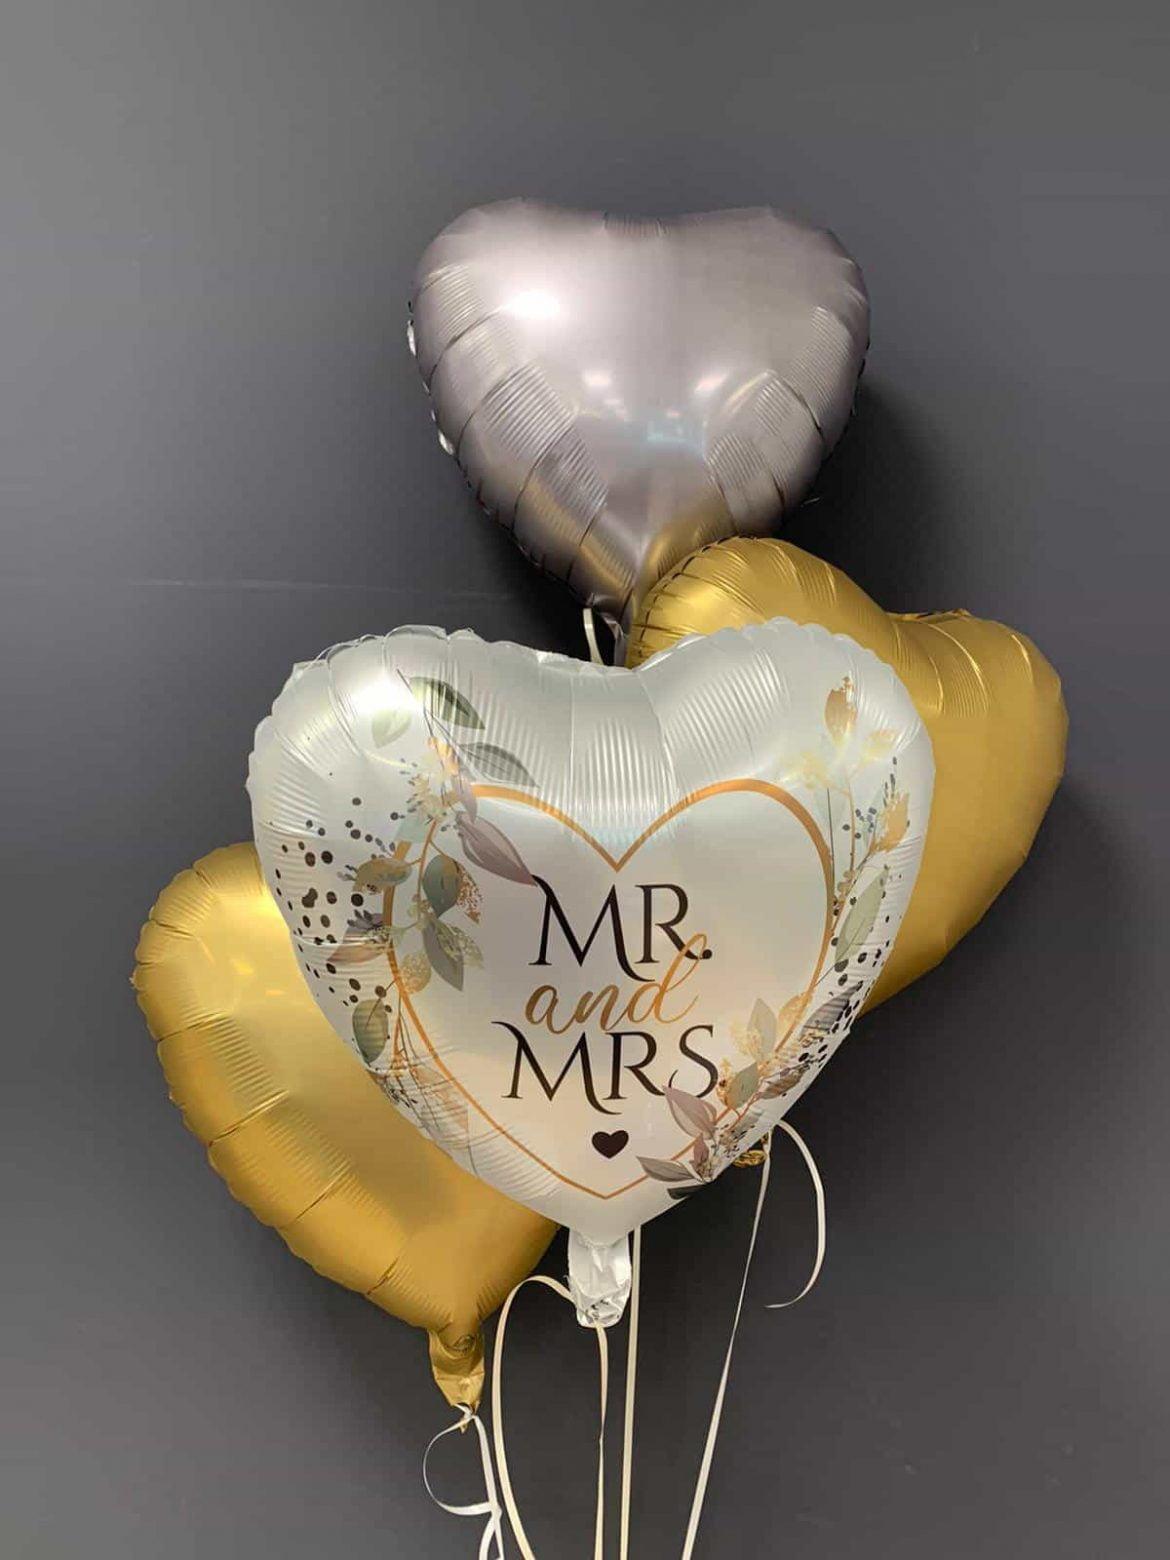 Zur Hochzeit<br>Mr & Mrs € 5,90<br>Dekoballons €4,50 1